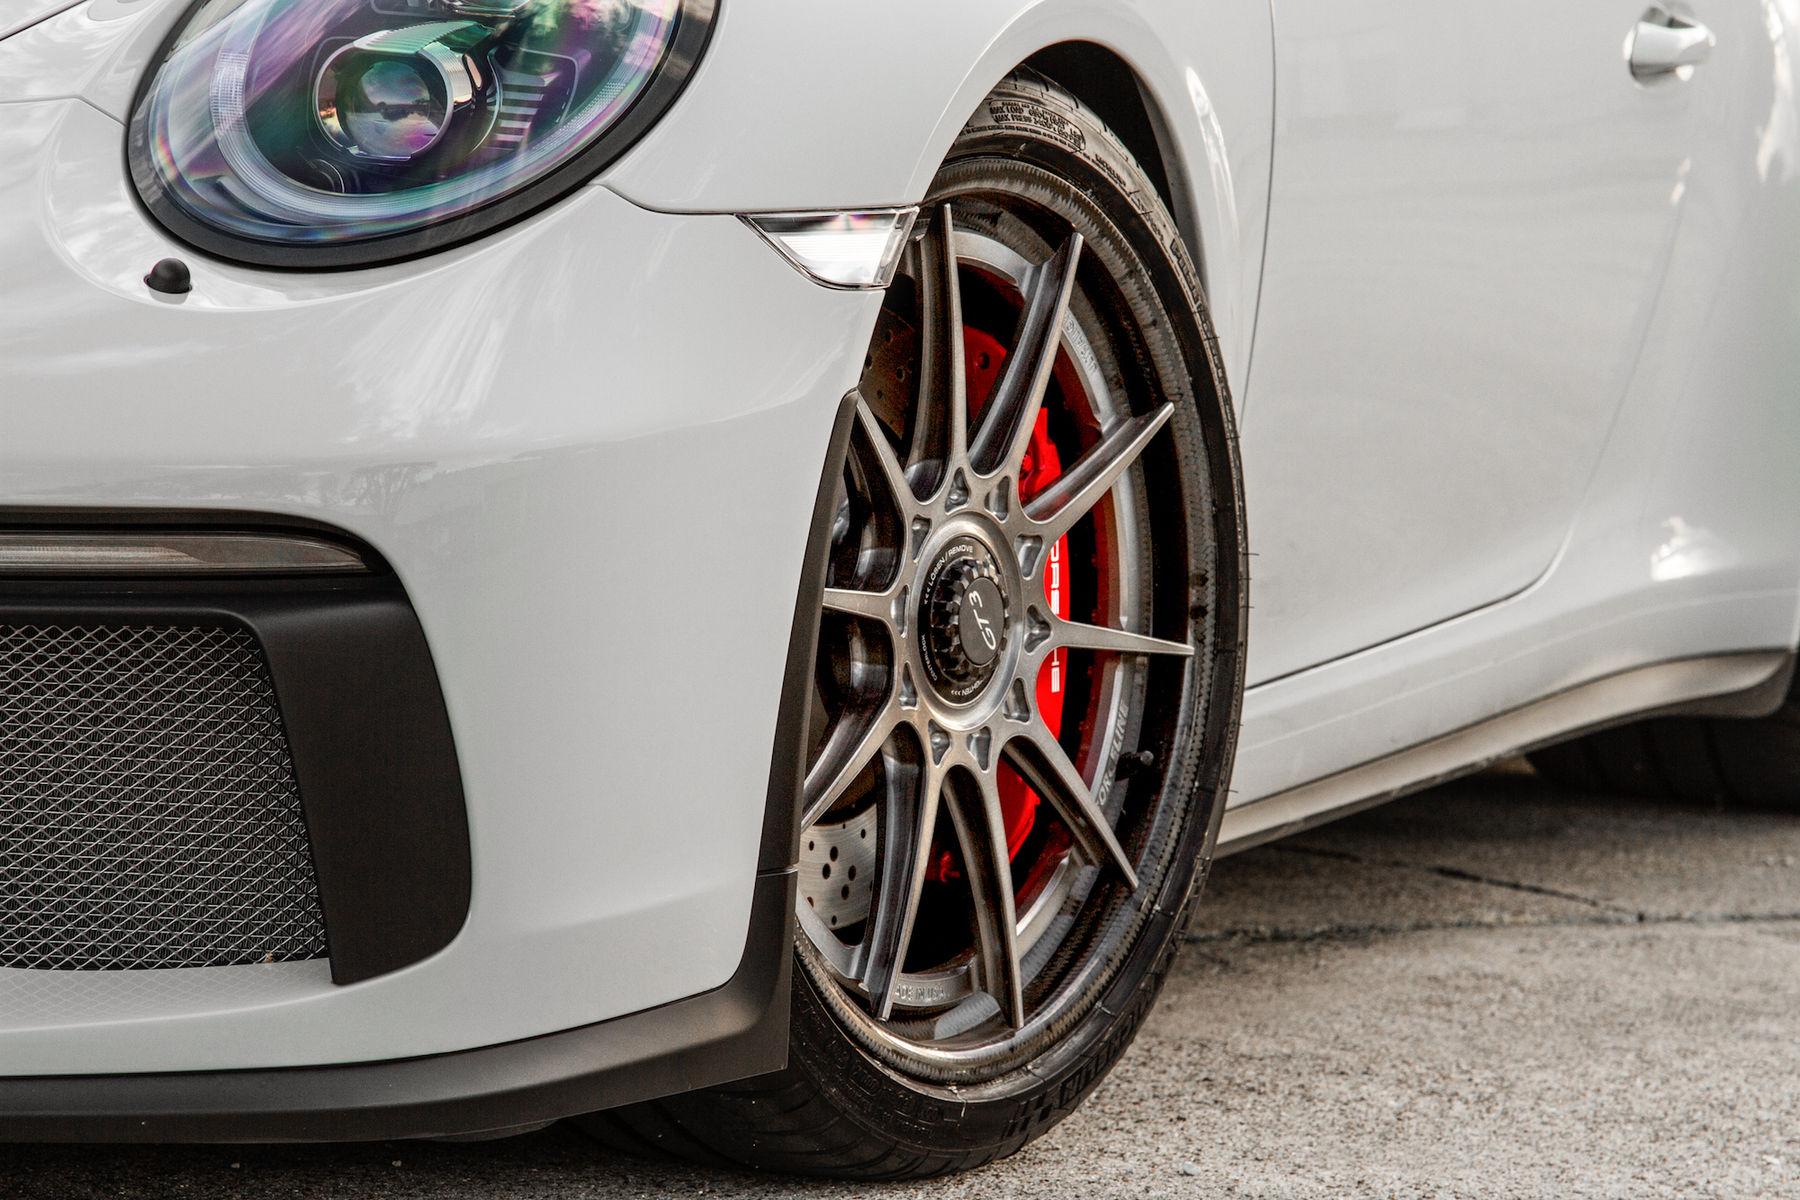 2018 Porsche 911 | Wheel Experts' Porsche GT3 on Center Locking Forgeline Carbon+Forged CF205 Wheels